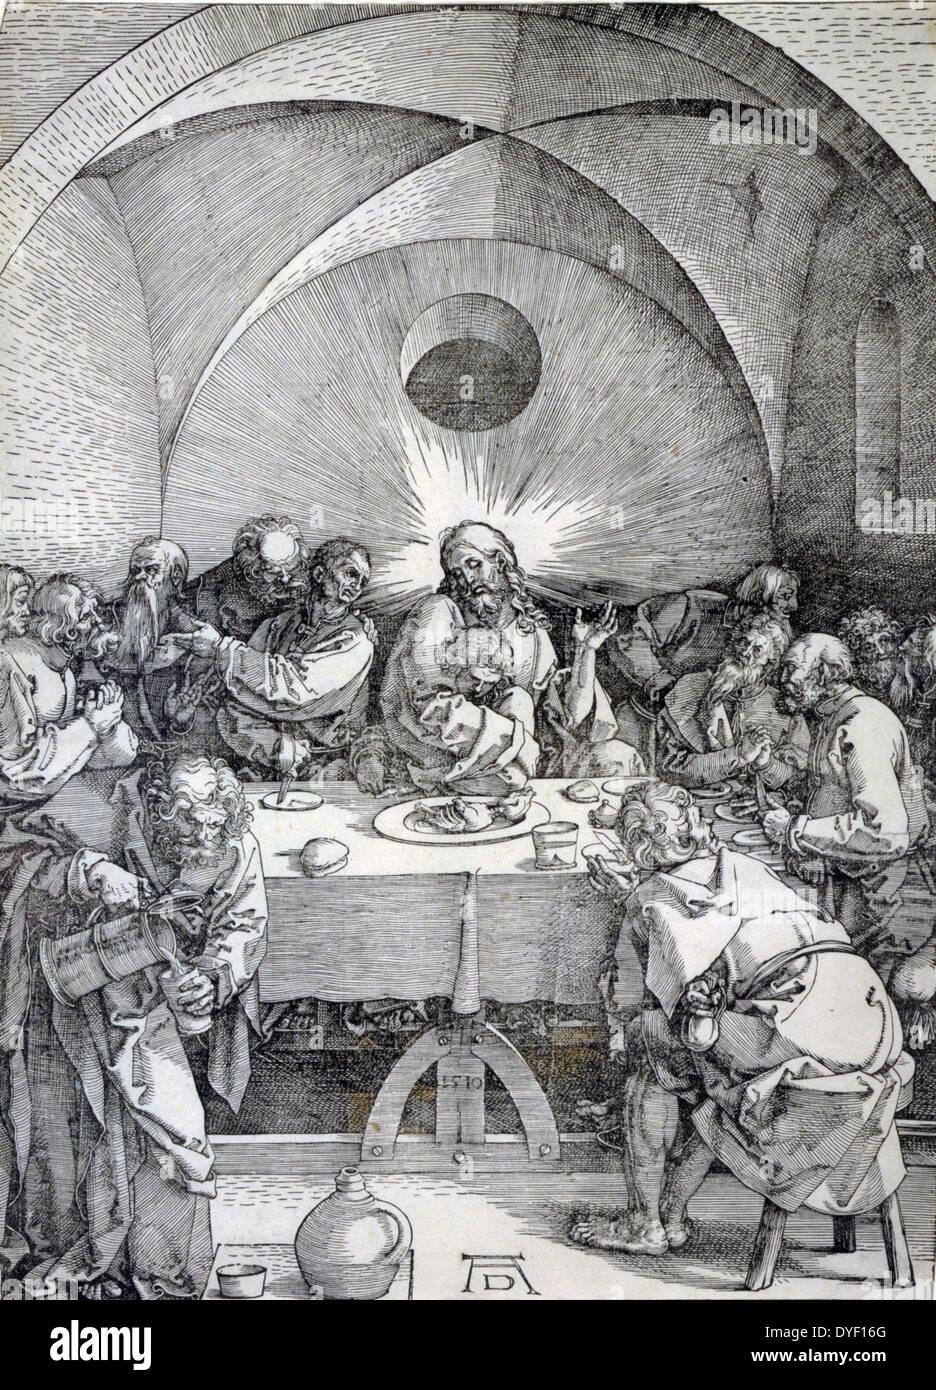 Die große Leidenschaft: letzte Abendmahl von Albrecht Dürer, 1471-1528, Künstler. Veröffentlichten Stockbild